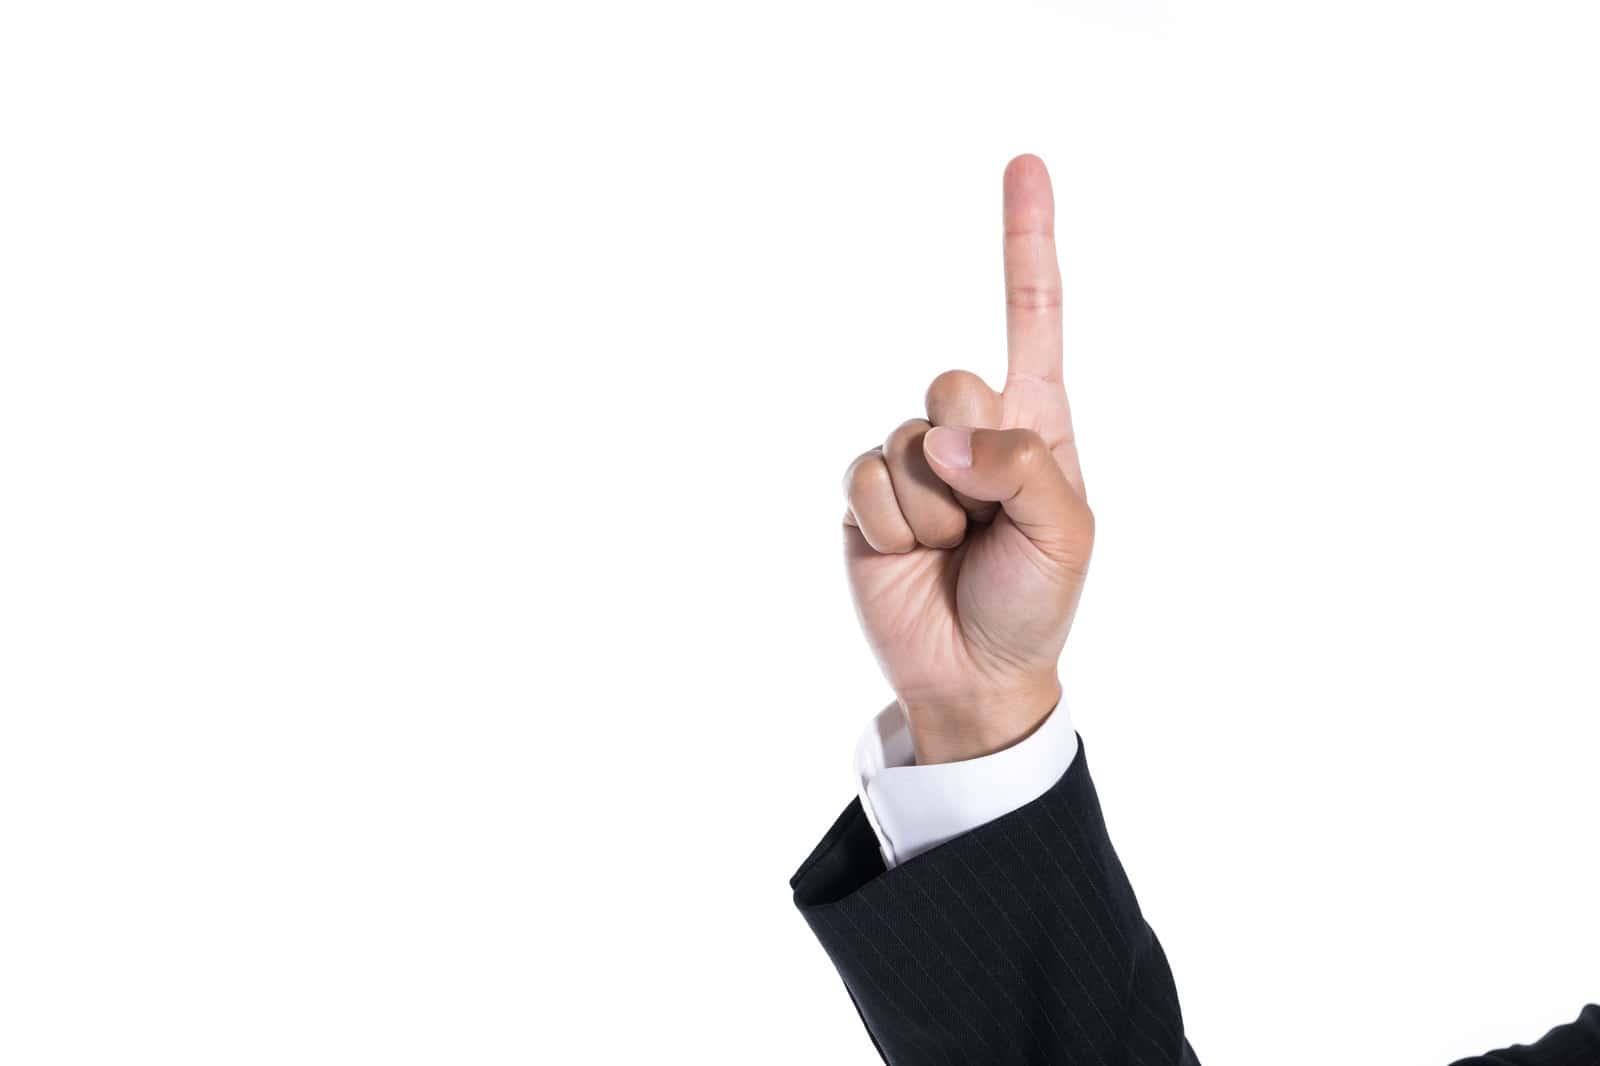 自己PRの書き出しは企業の面接官が一番見ている内容?